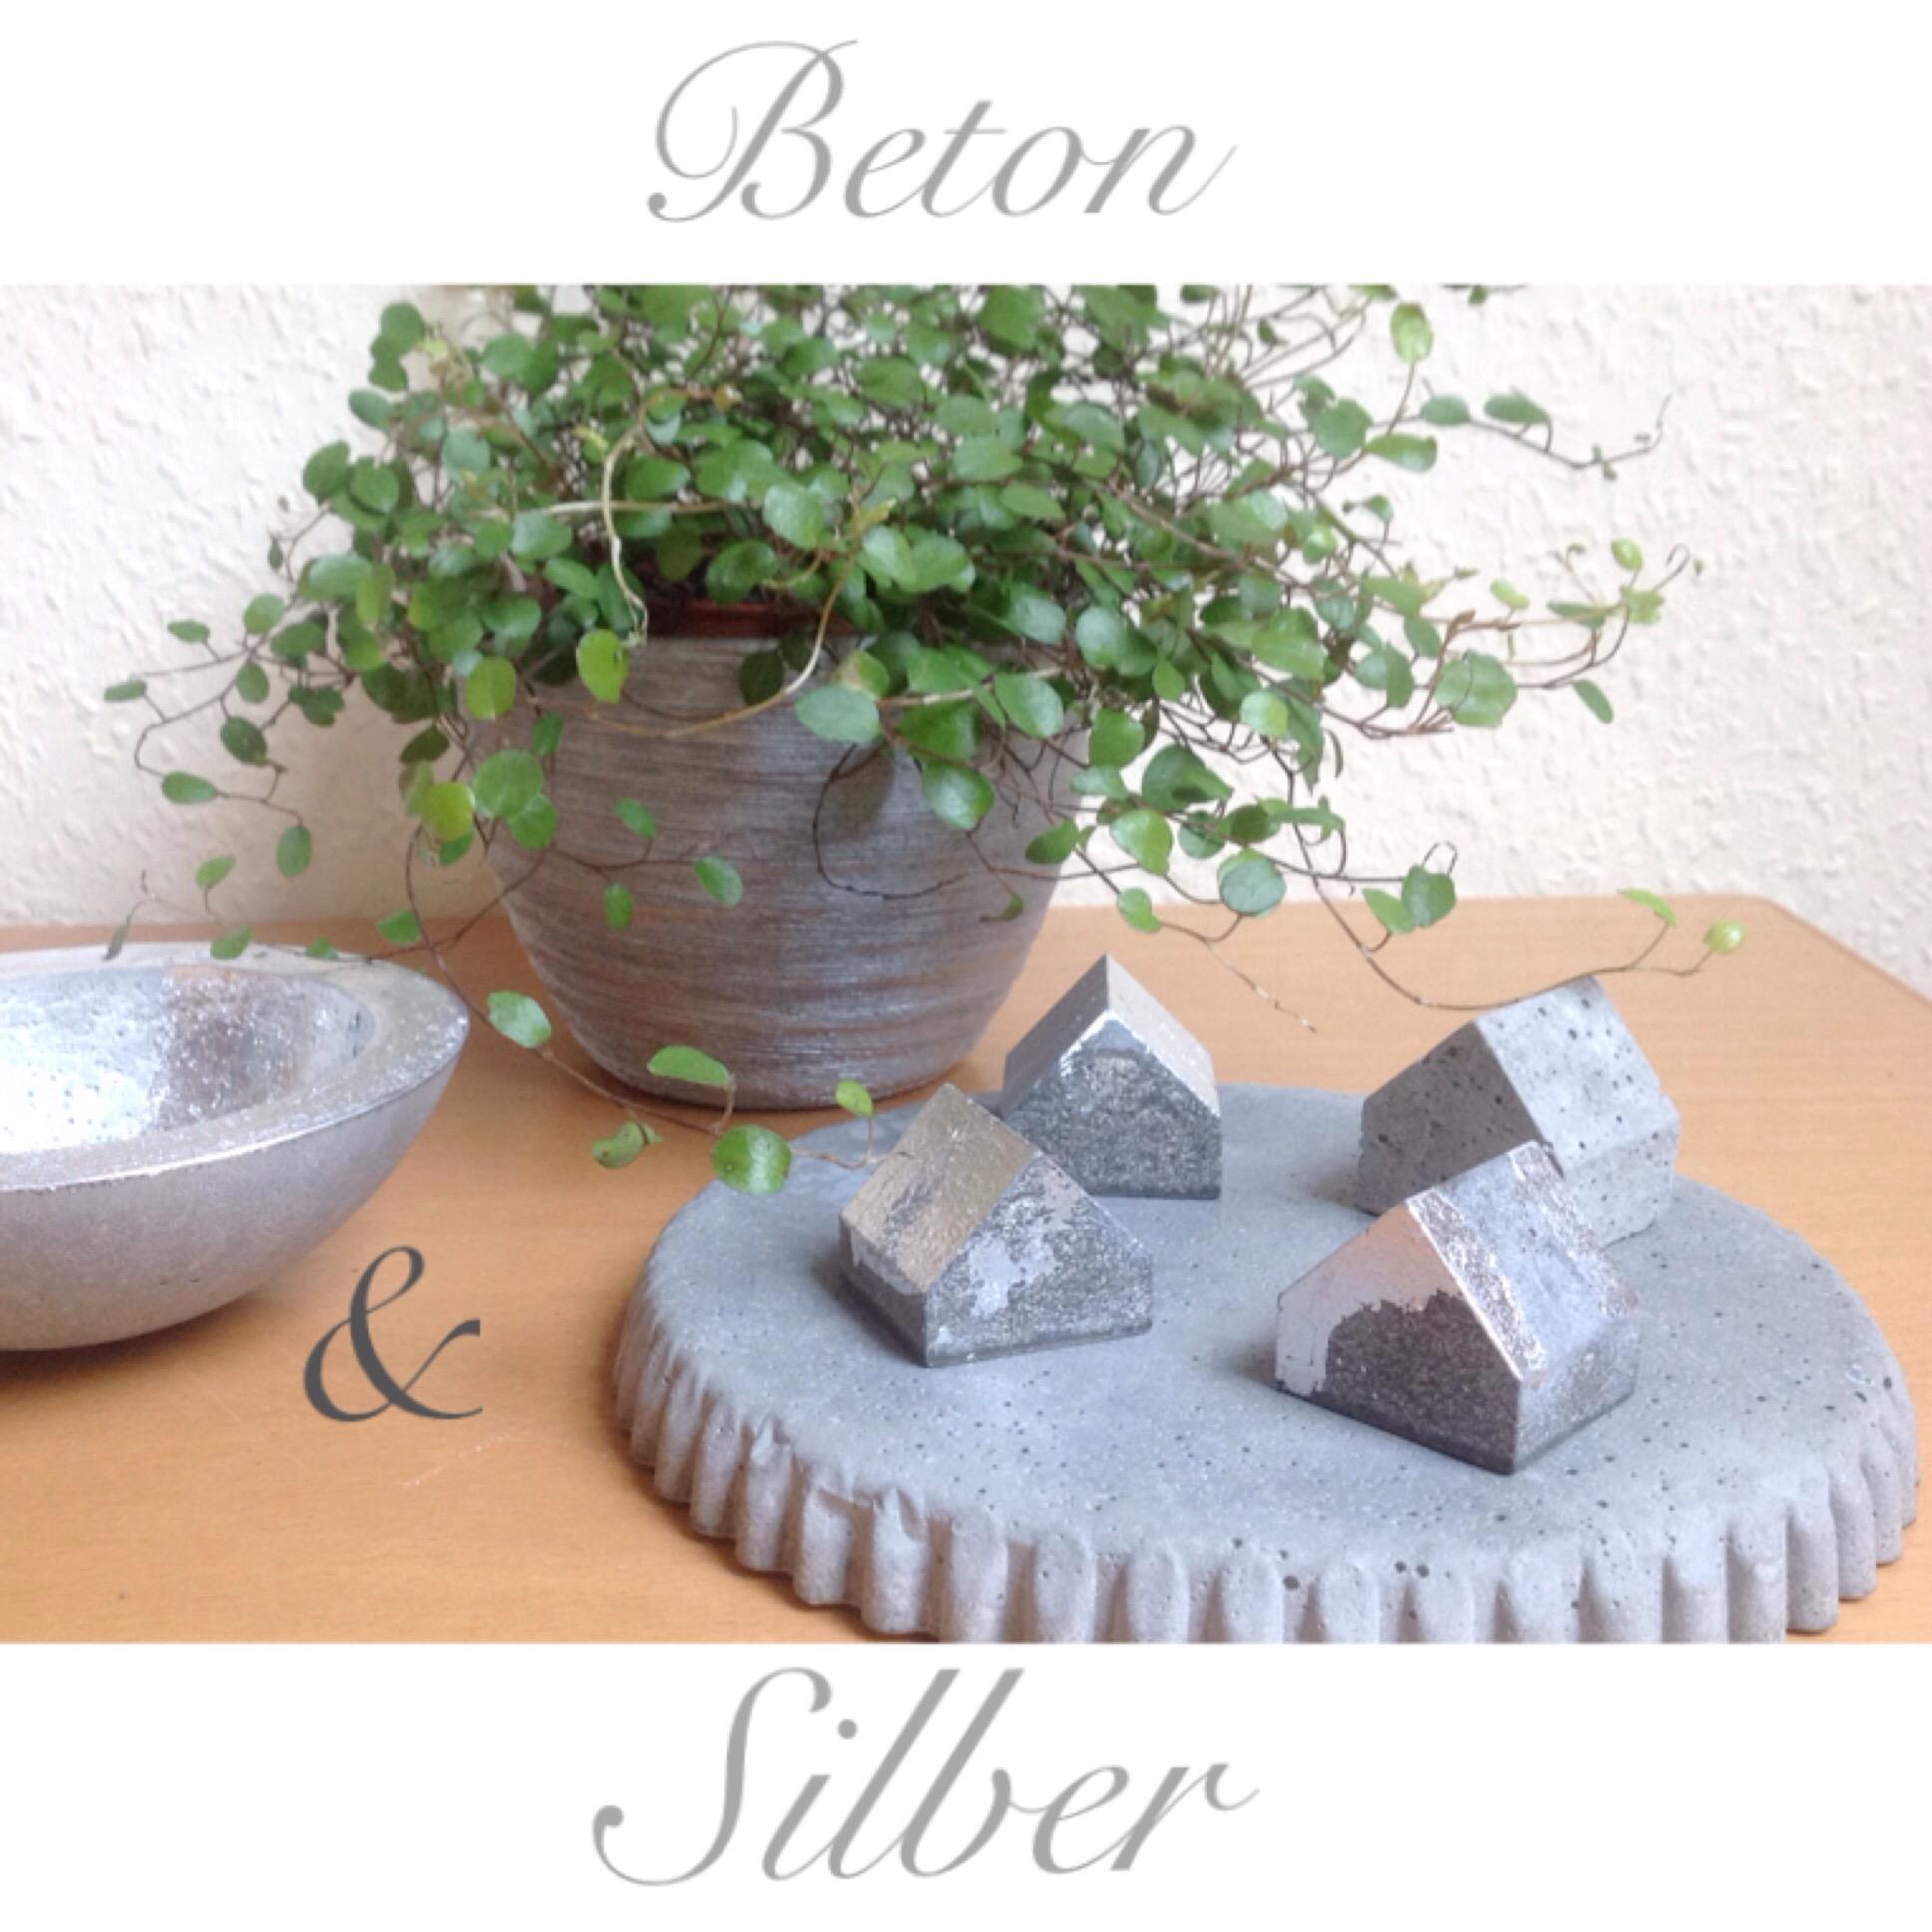 Beton & Silber – oder – So schauts aus, wenn ich Beton versilbere